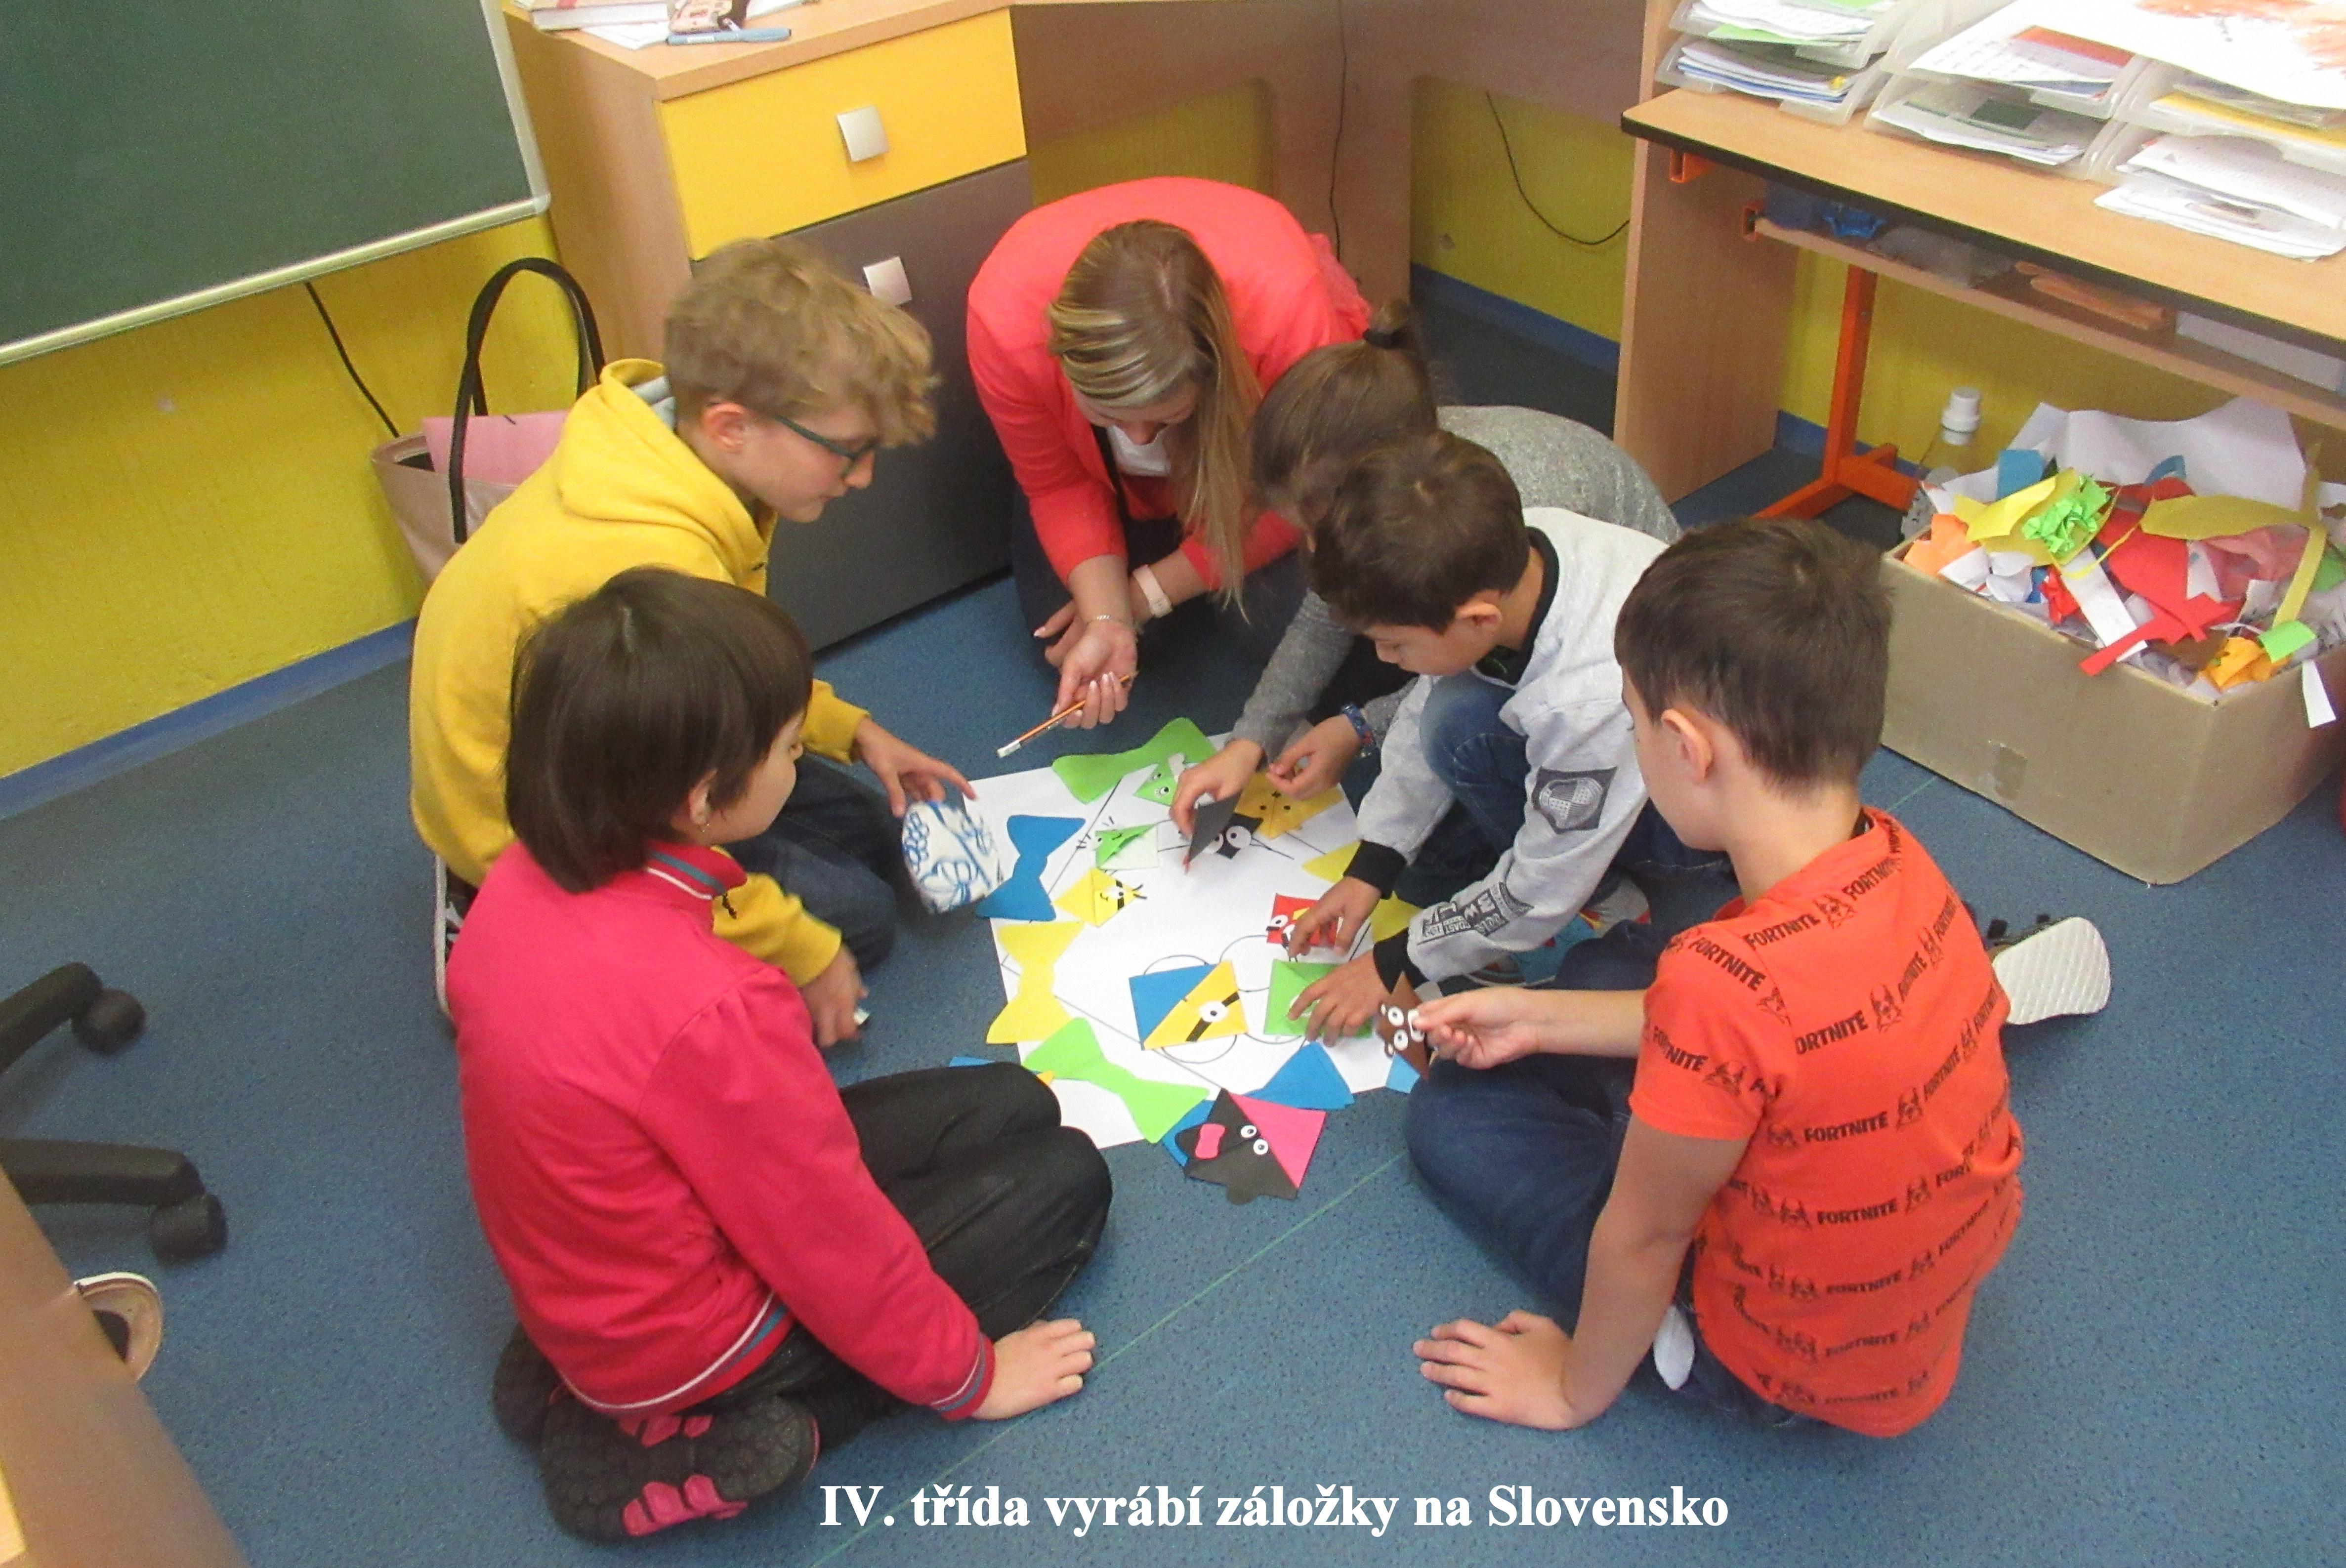 2) IV. třída vyrábí záložky na Slovensko